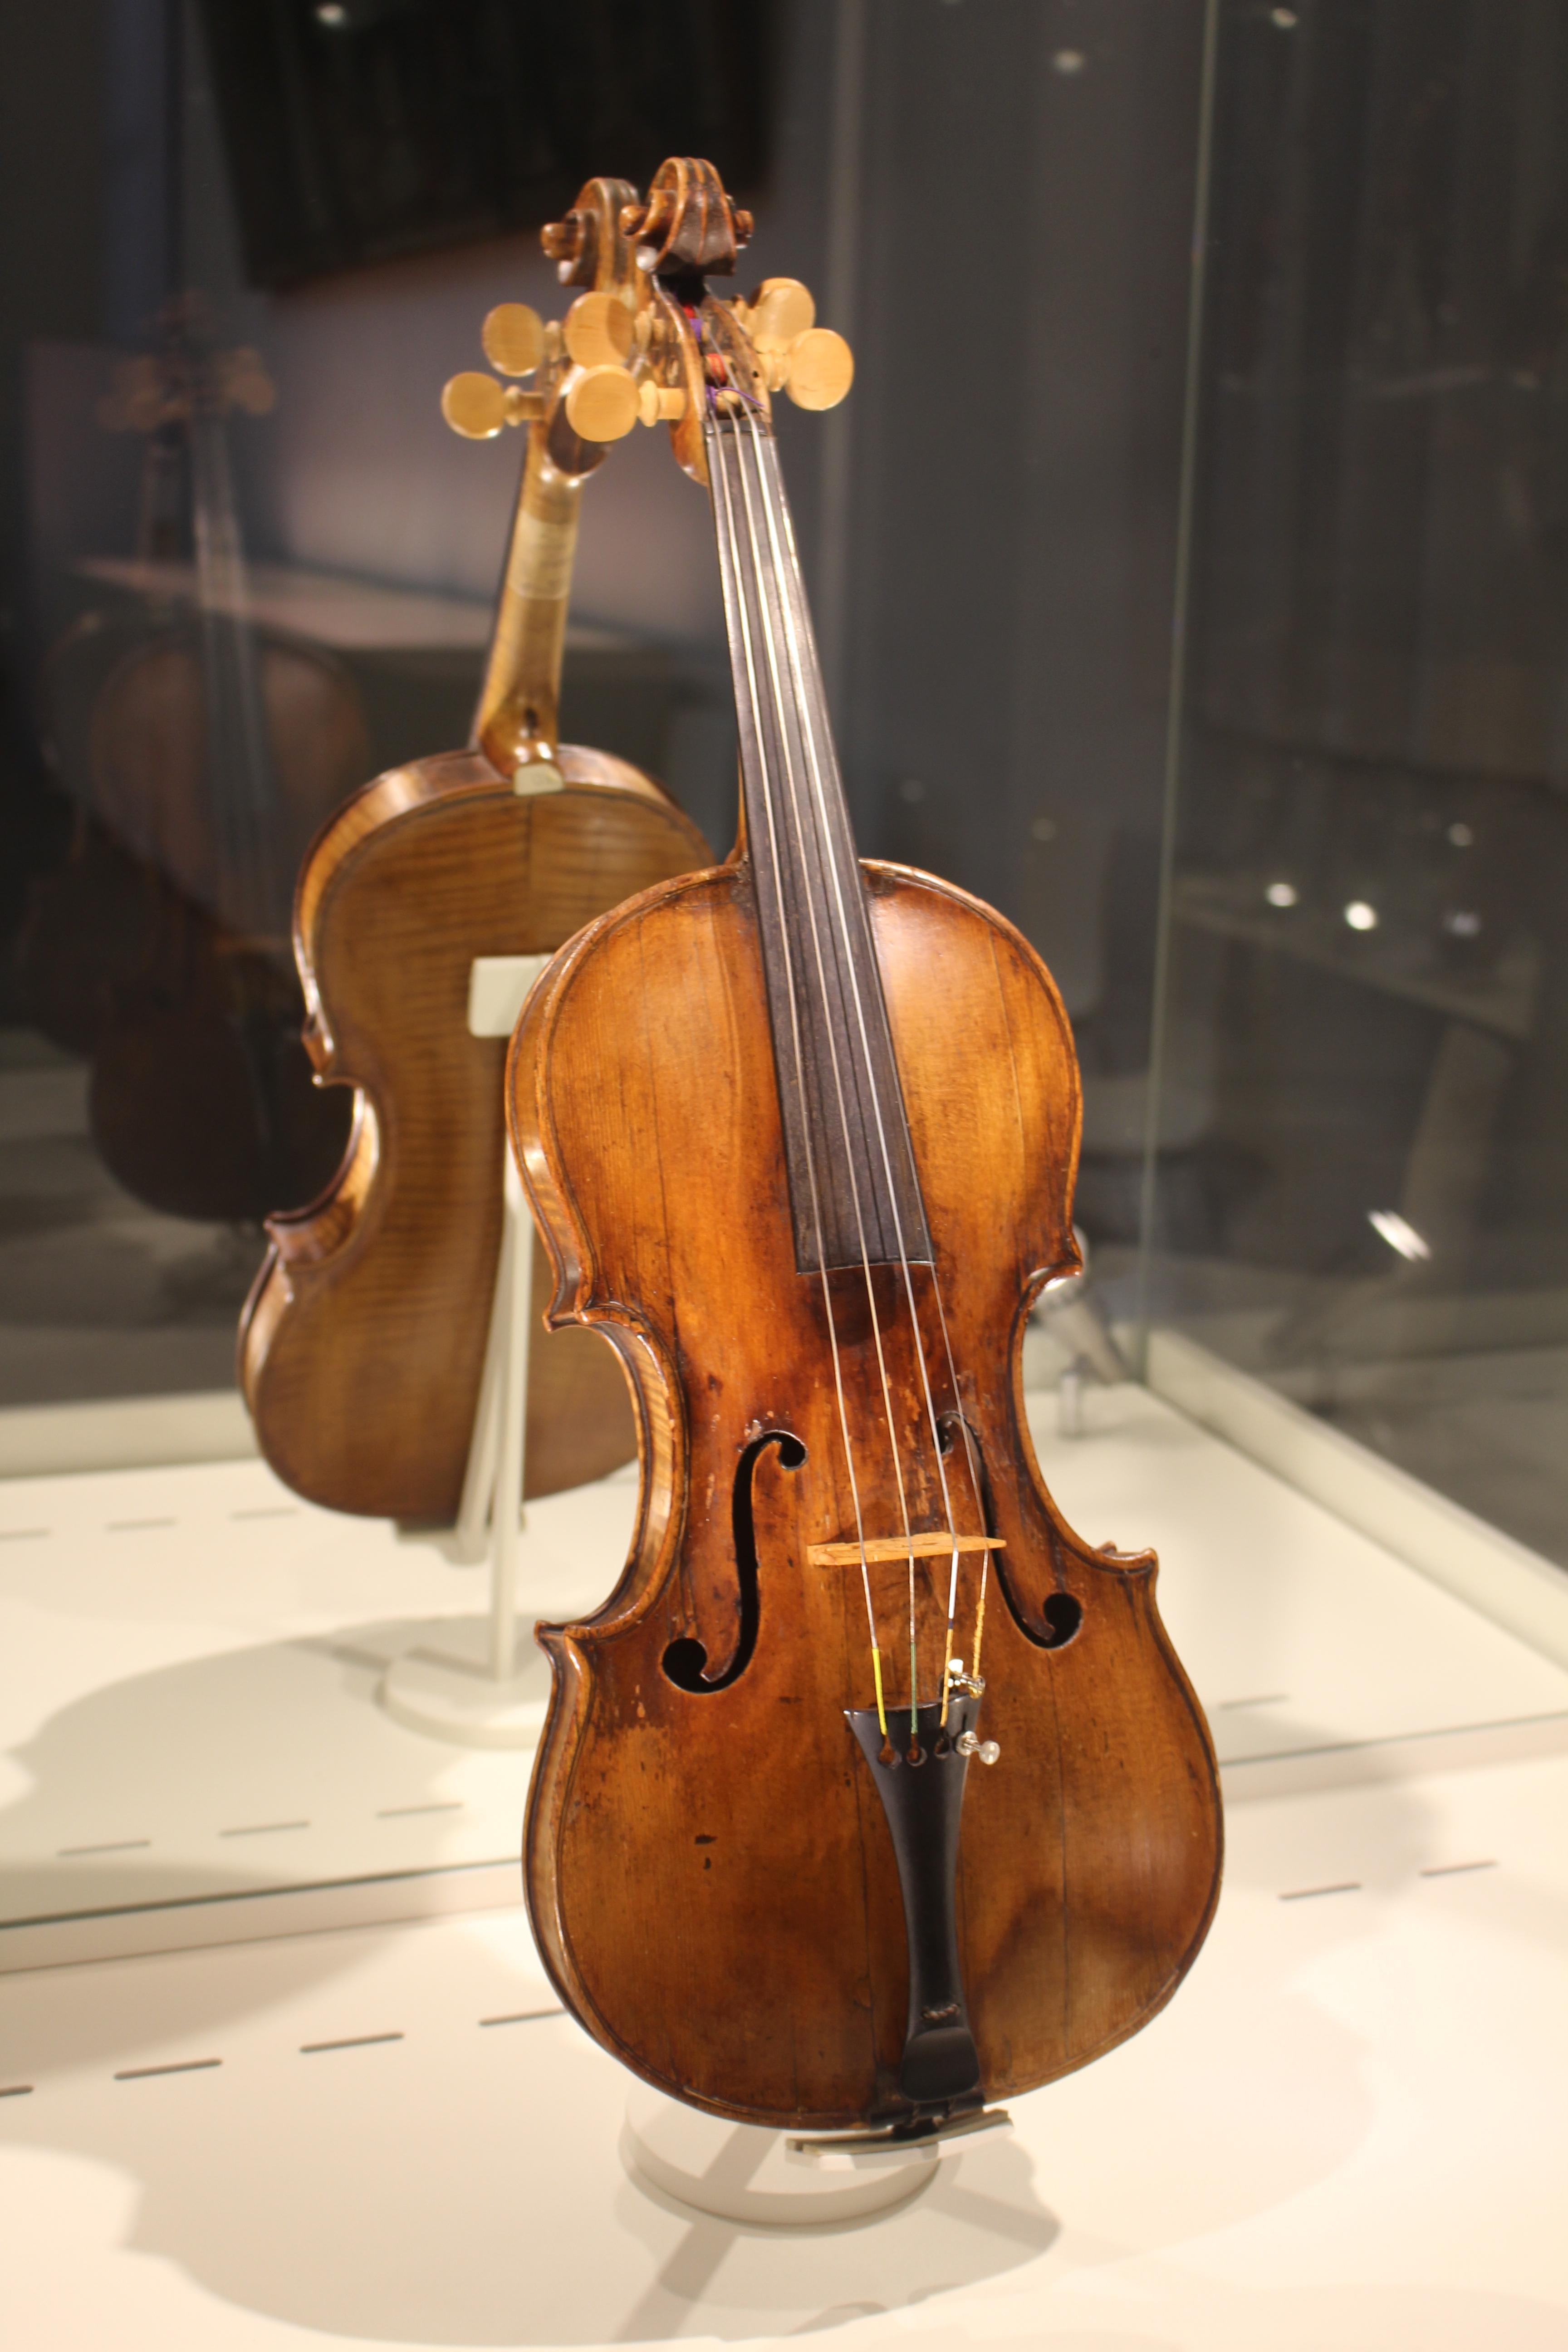 Violon du célèbre luthier de Crémone Guarnieri (environ 1654)